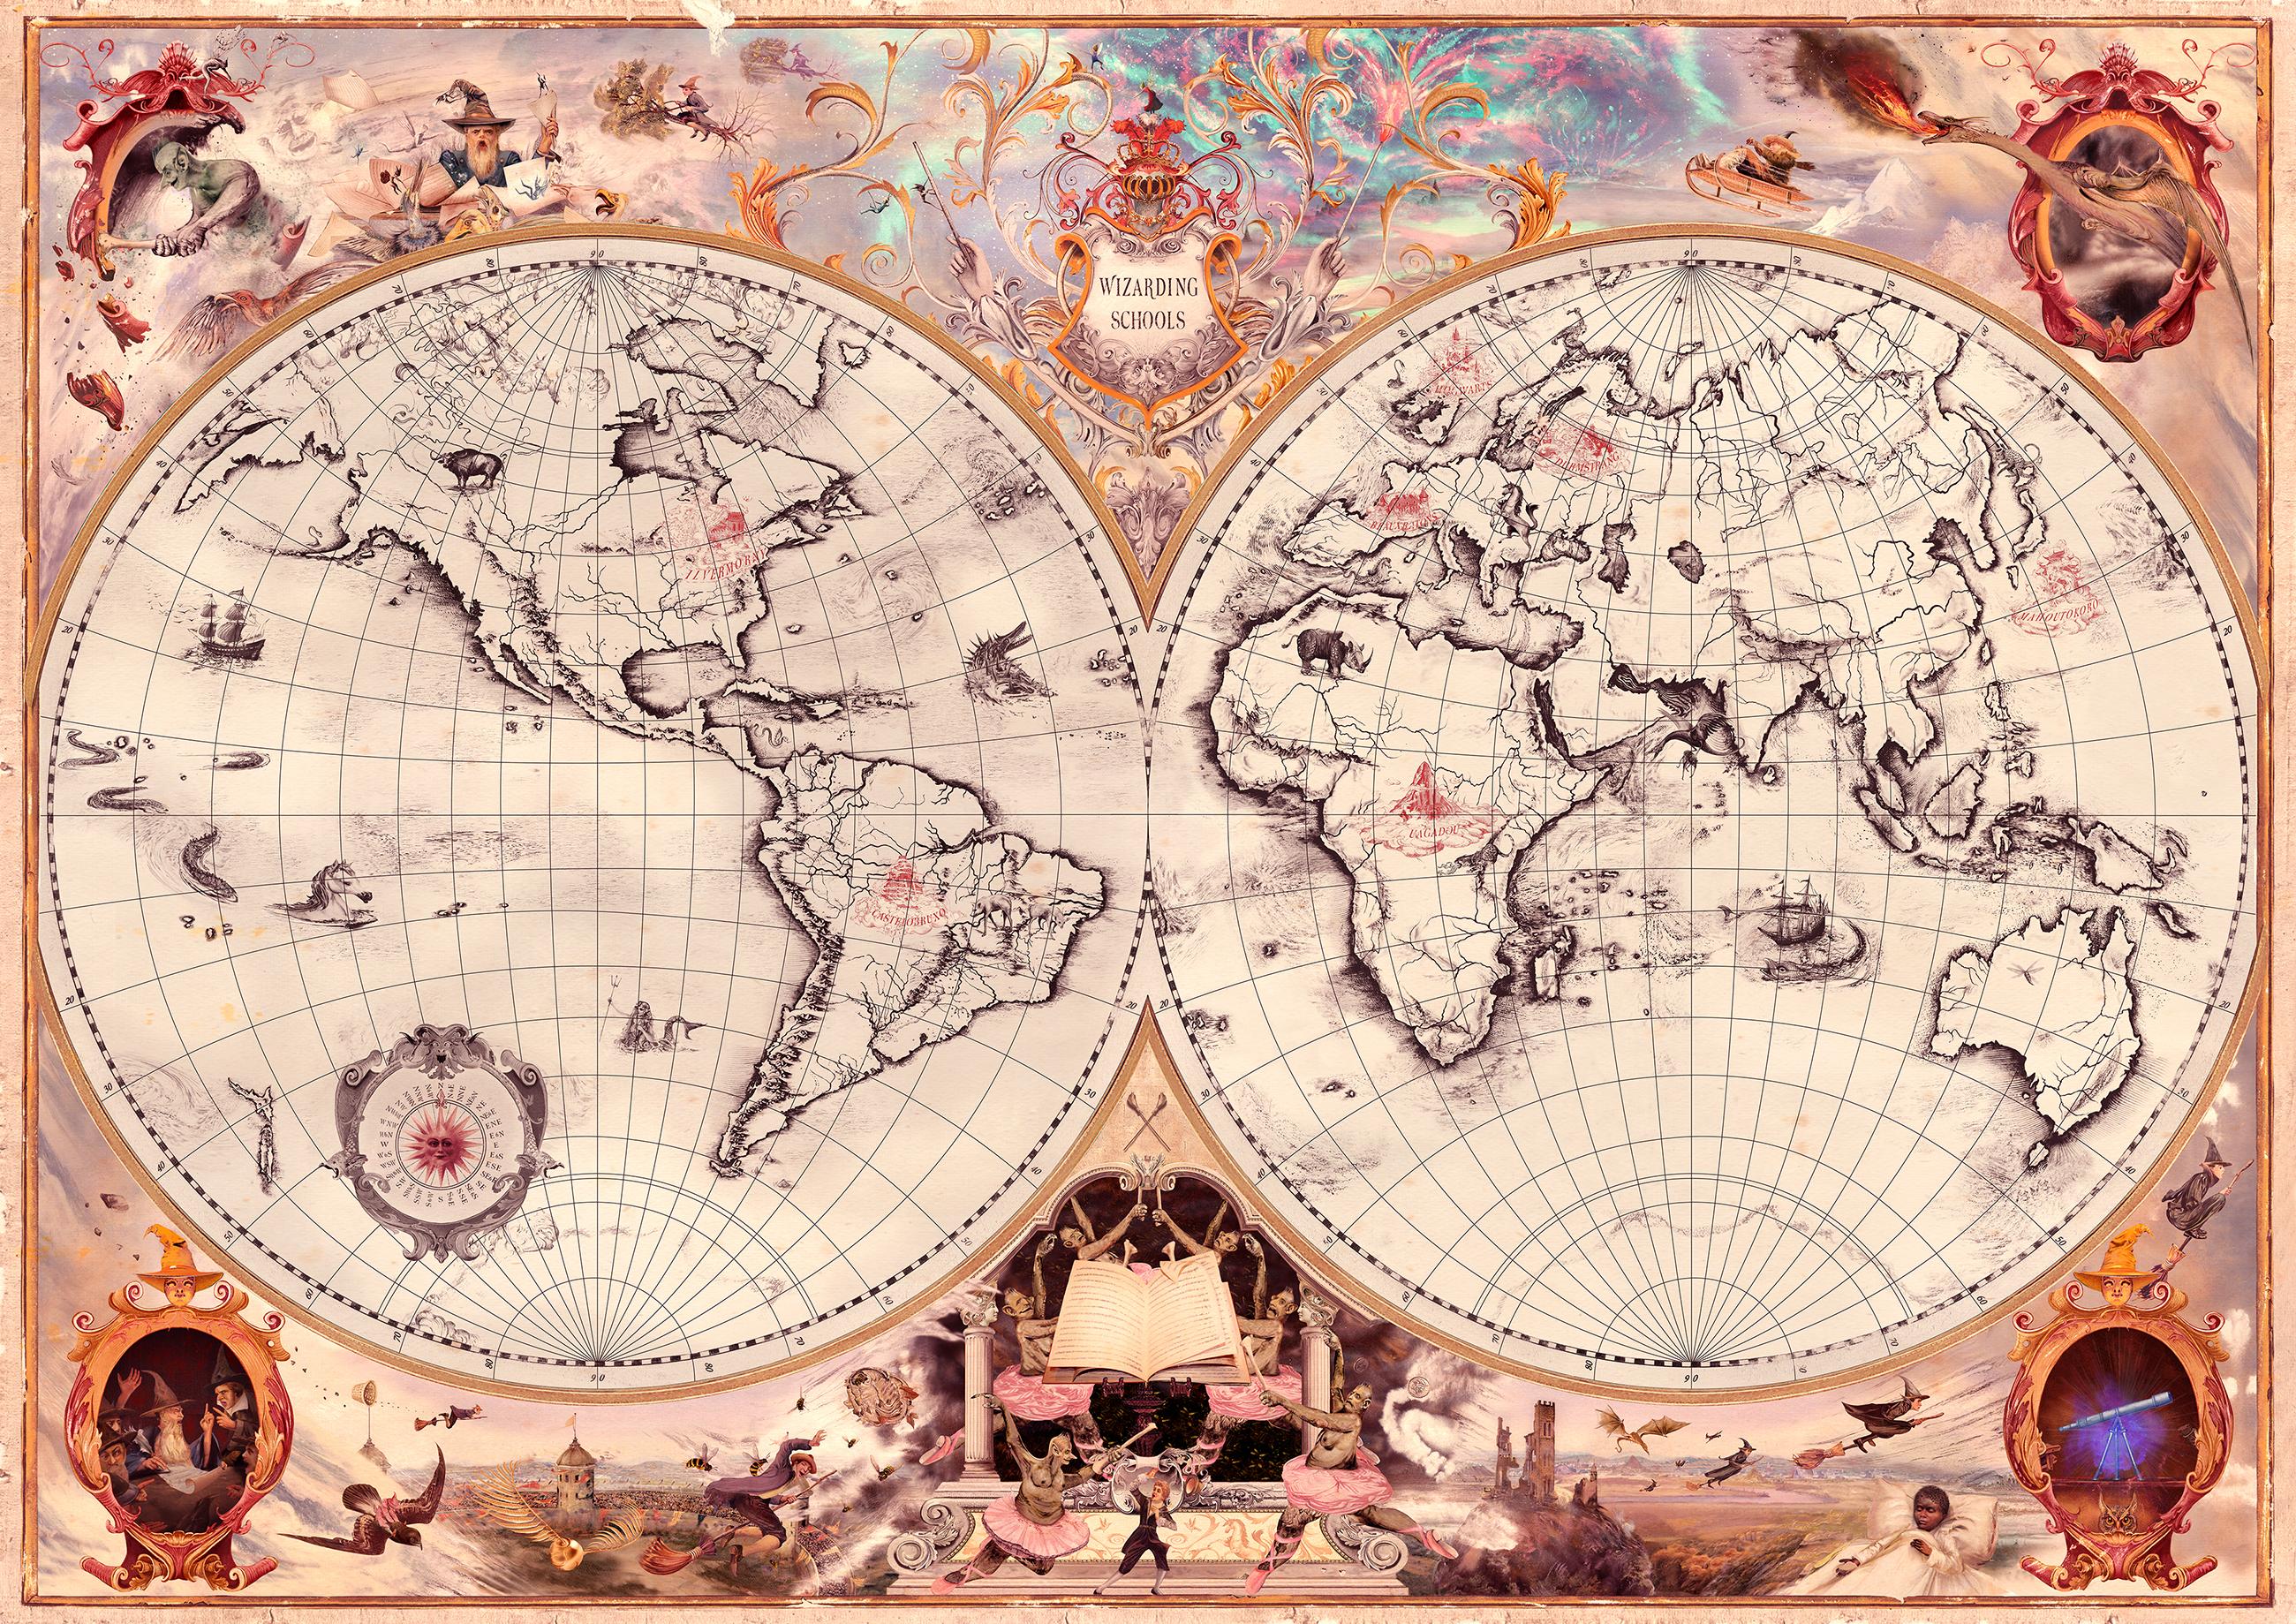 Ecole de sorcellerie du monde entier